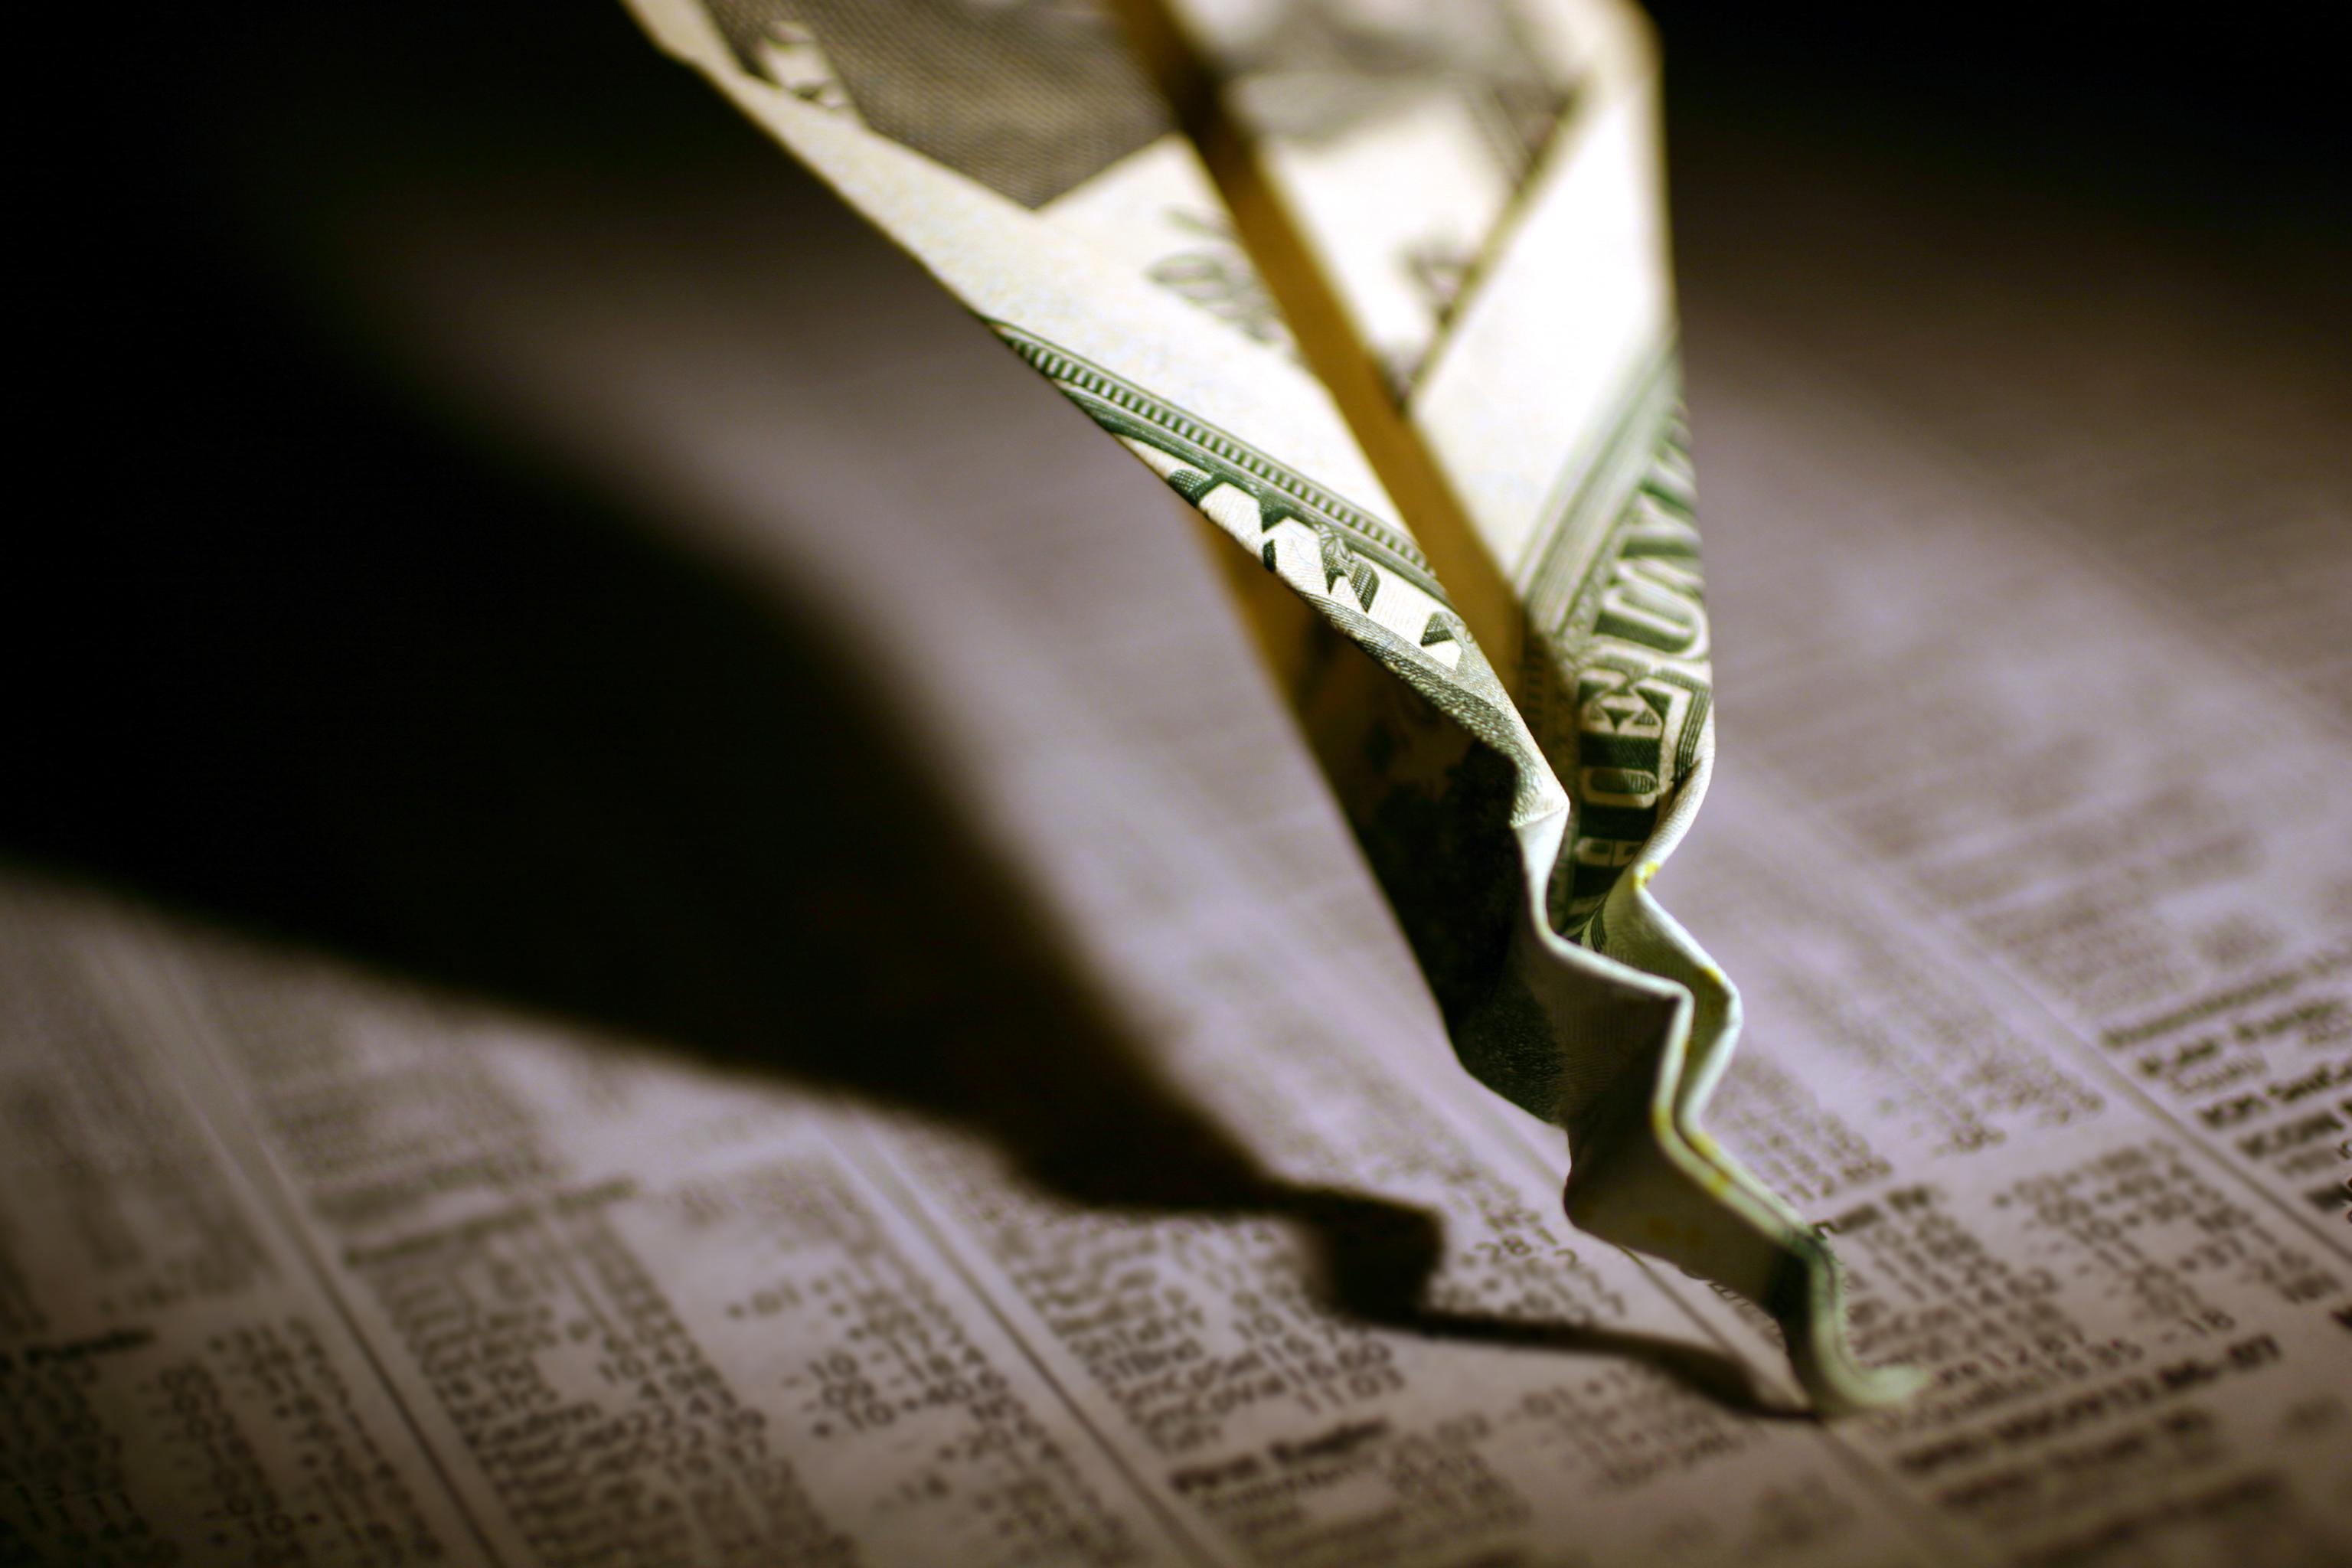 stock market crash plunge dollar newspaper invest dow sp 500 getty.'